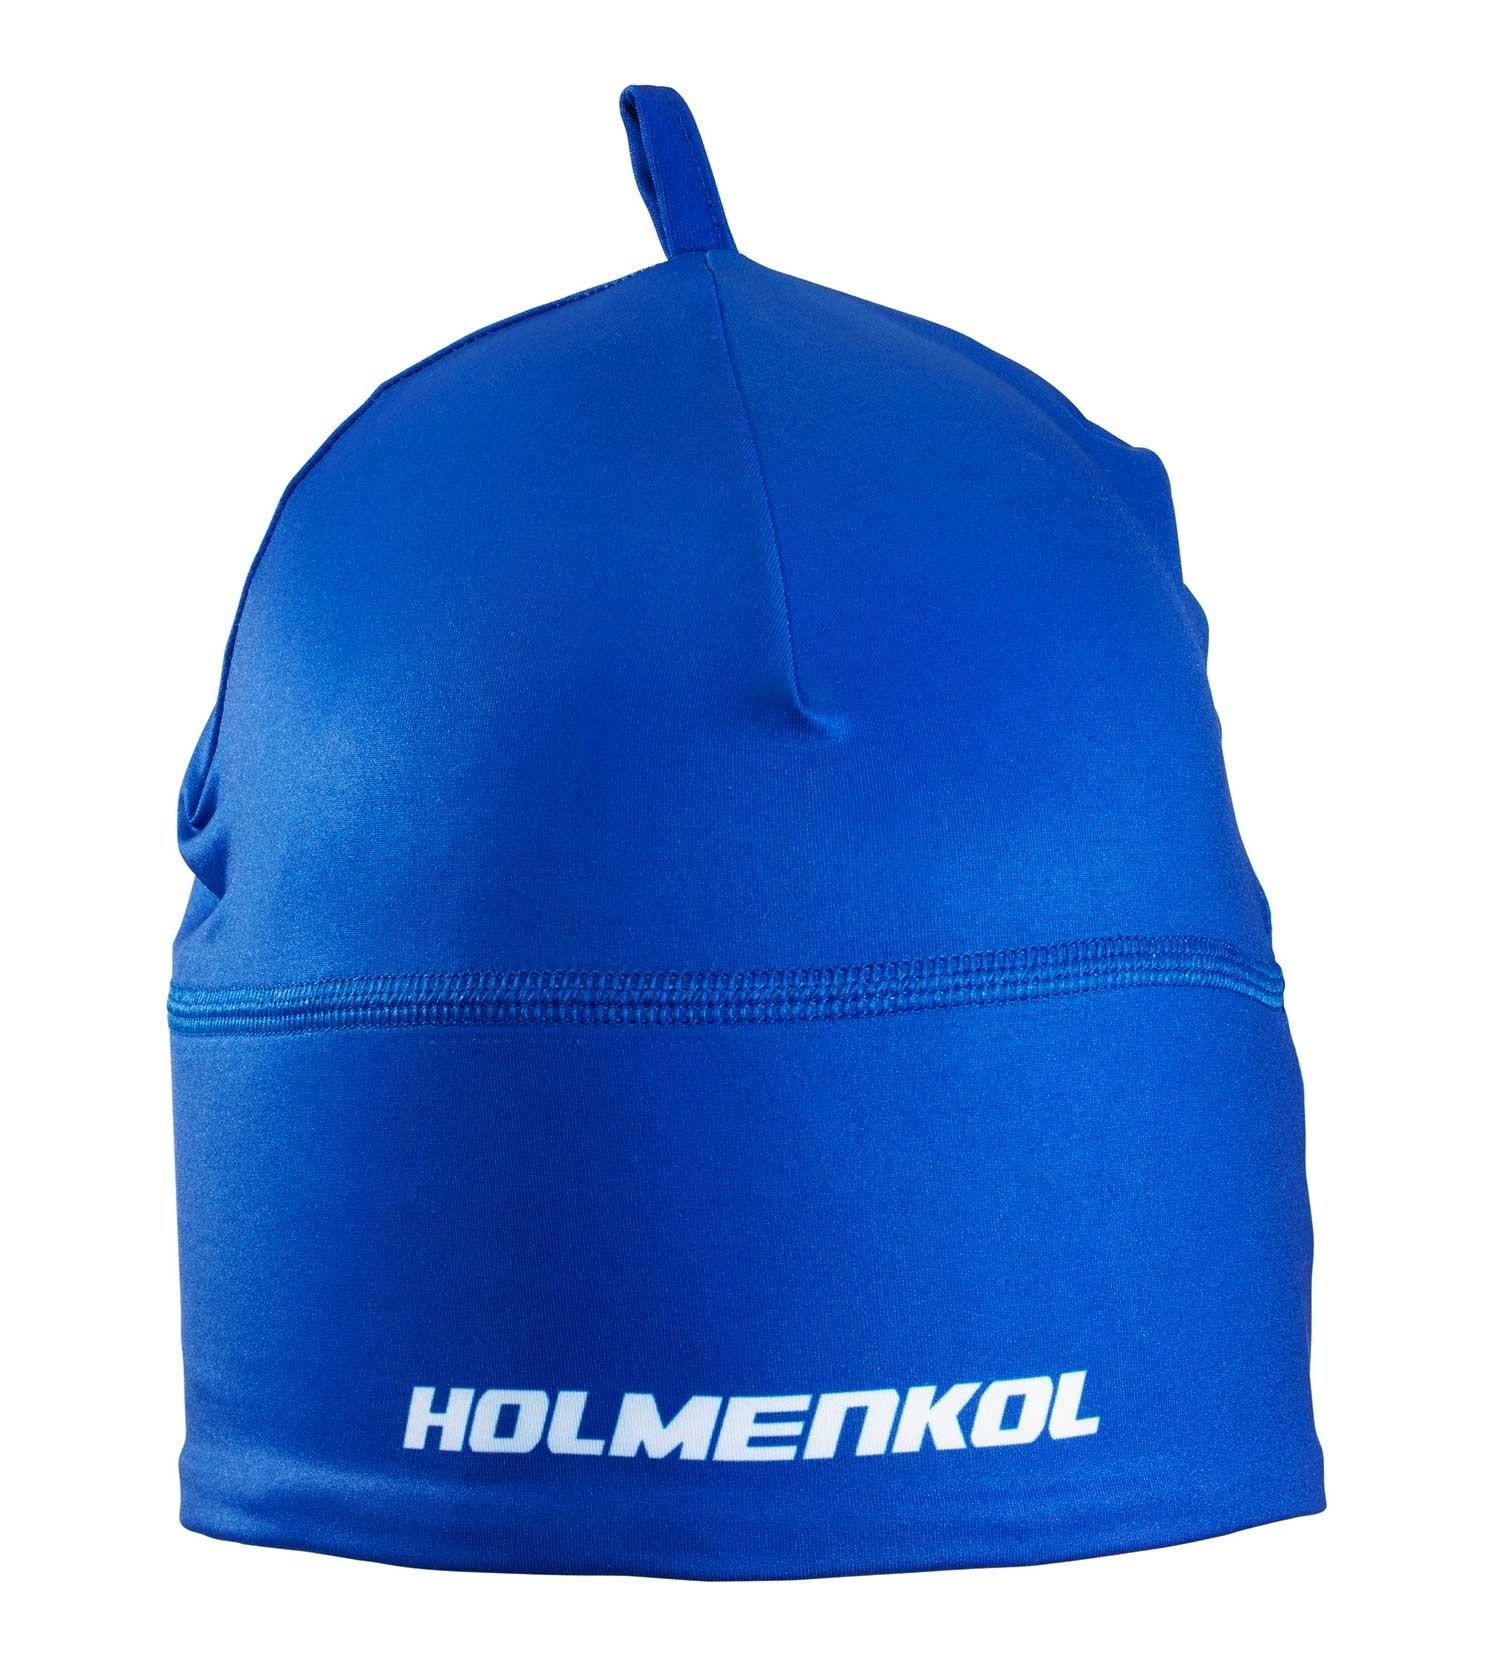 Holmenkol tekmovalna kapa za smučarski tek